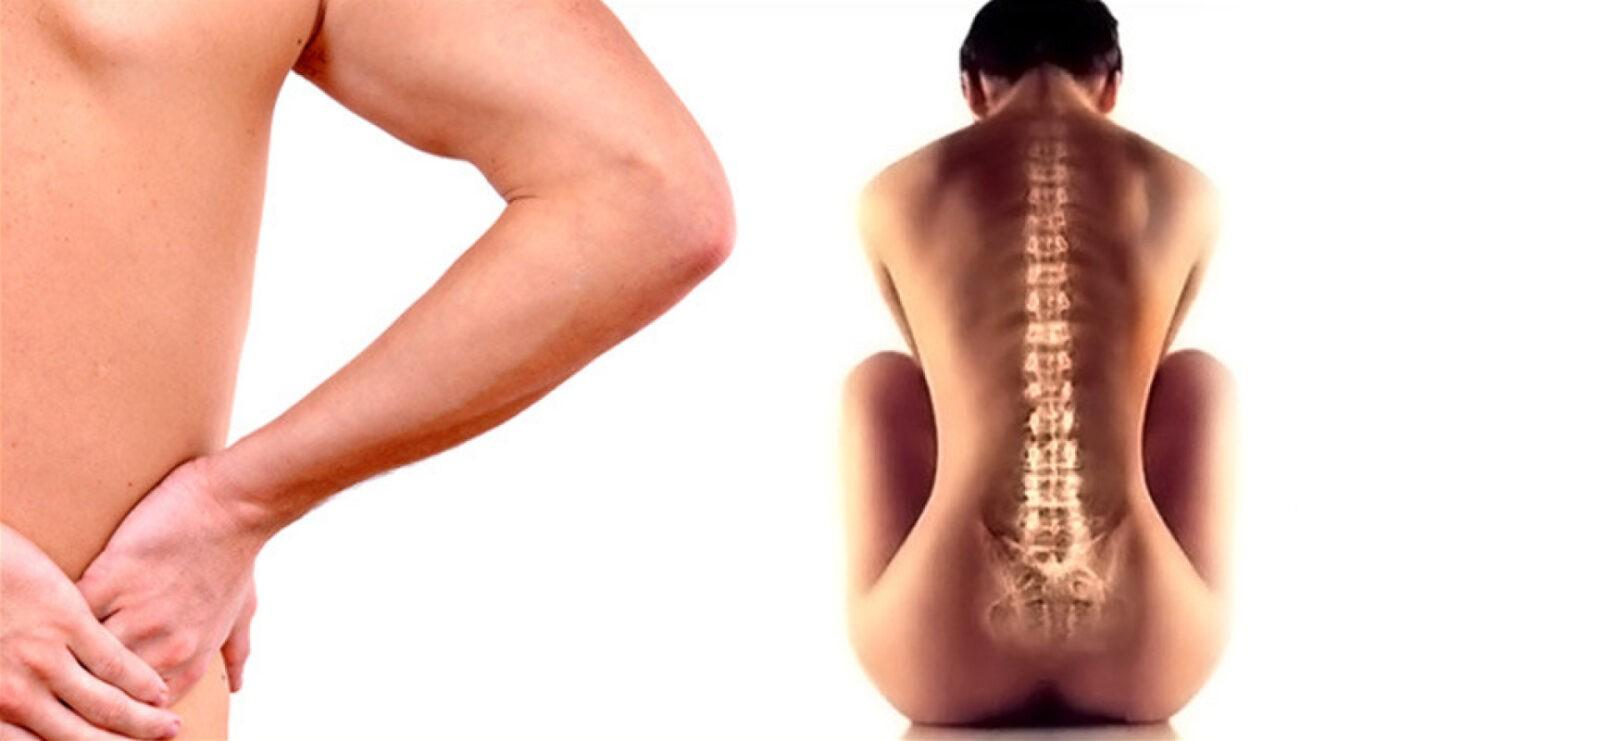 Сдавливание нервов между позвонками происходит вследствие разных факторов: Постоянный перенос тяжестей; Занятие спортом на профессиональном уровне; Плохое состояние костей и т.д.